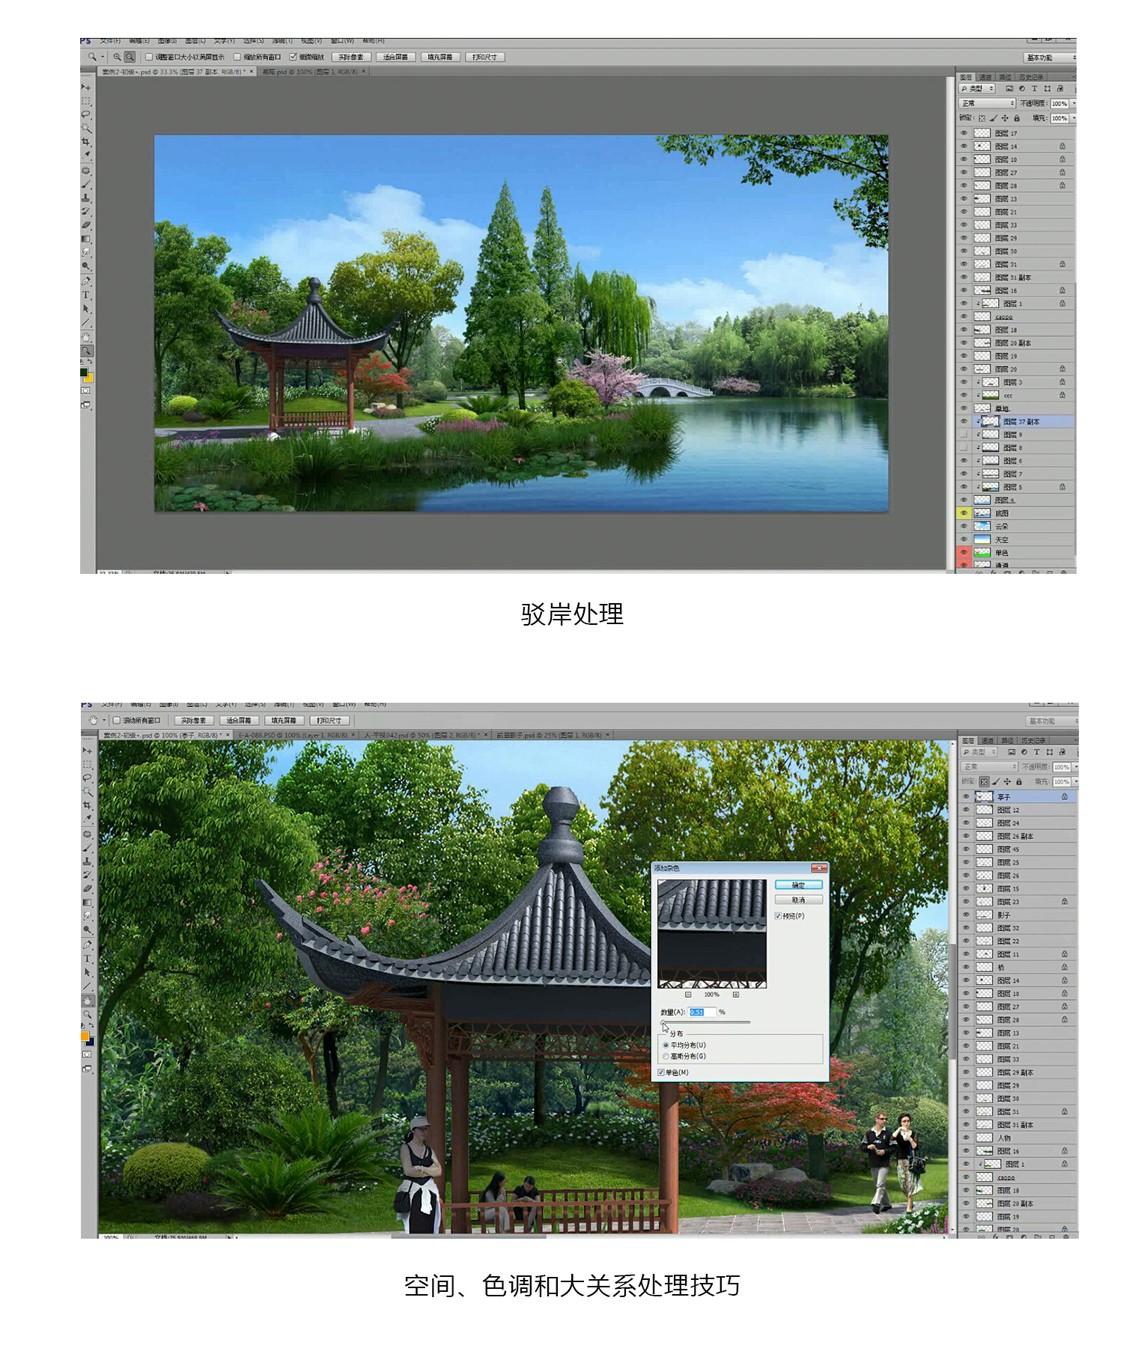 ps景觀效果圖多風格表現實例,Photoshop景觀效果圖,景觀效果圖表現,ps景觀效果圖